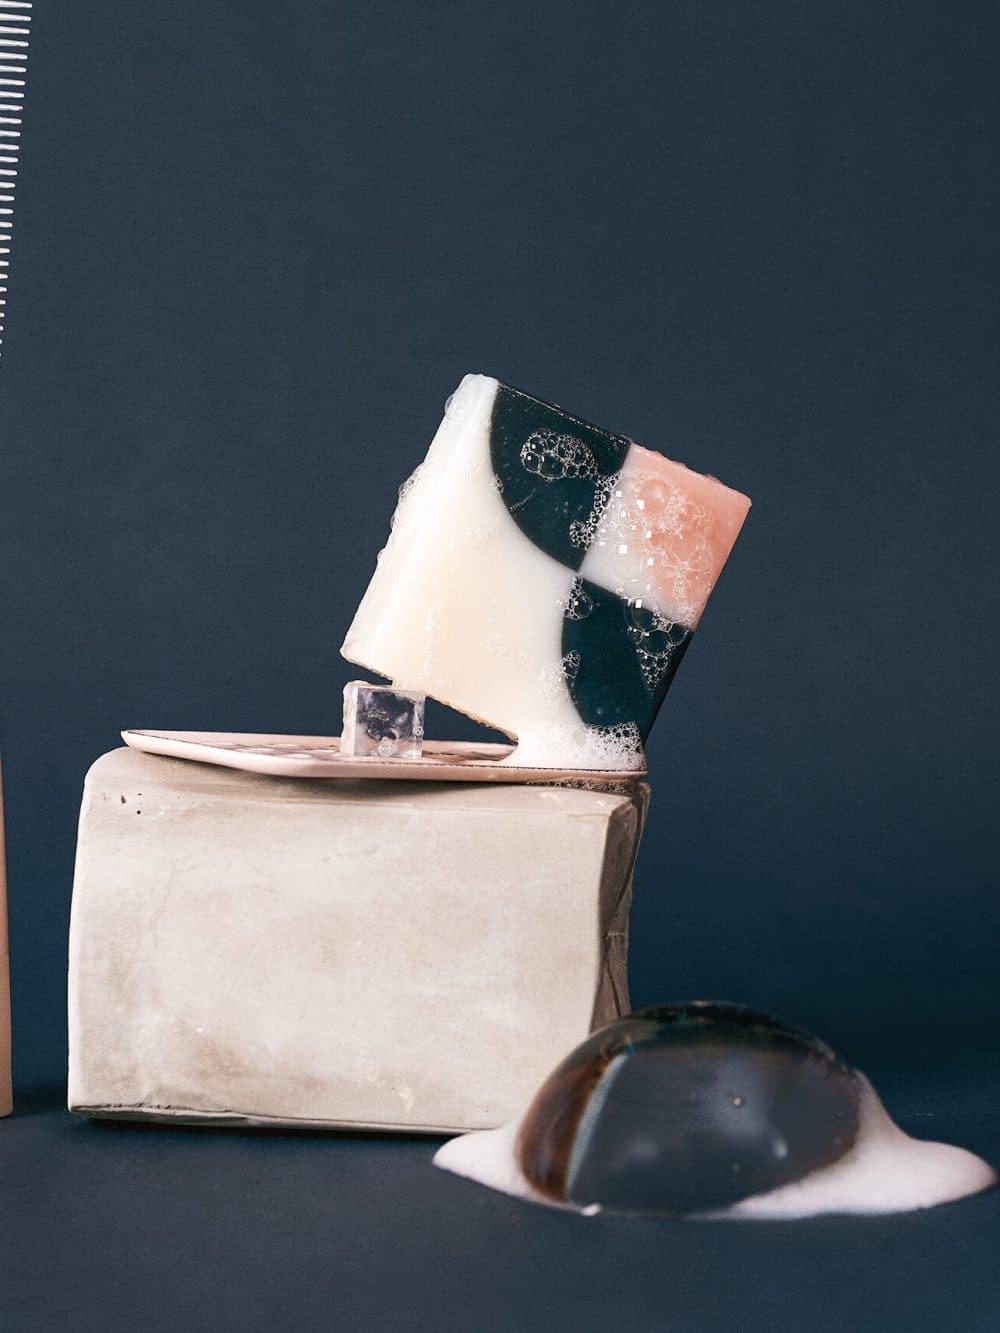 Savon solide bio et vegan de la marque Ciment Paris avec un motif esprit carreau de ciment kimono à la senteur fleur de cerisier made in france